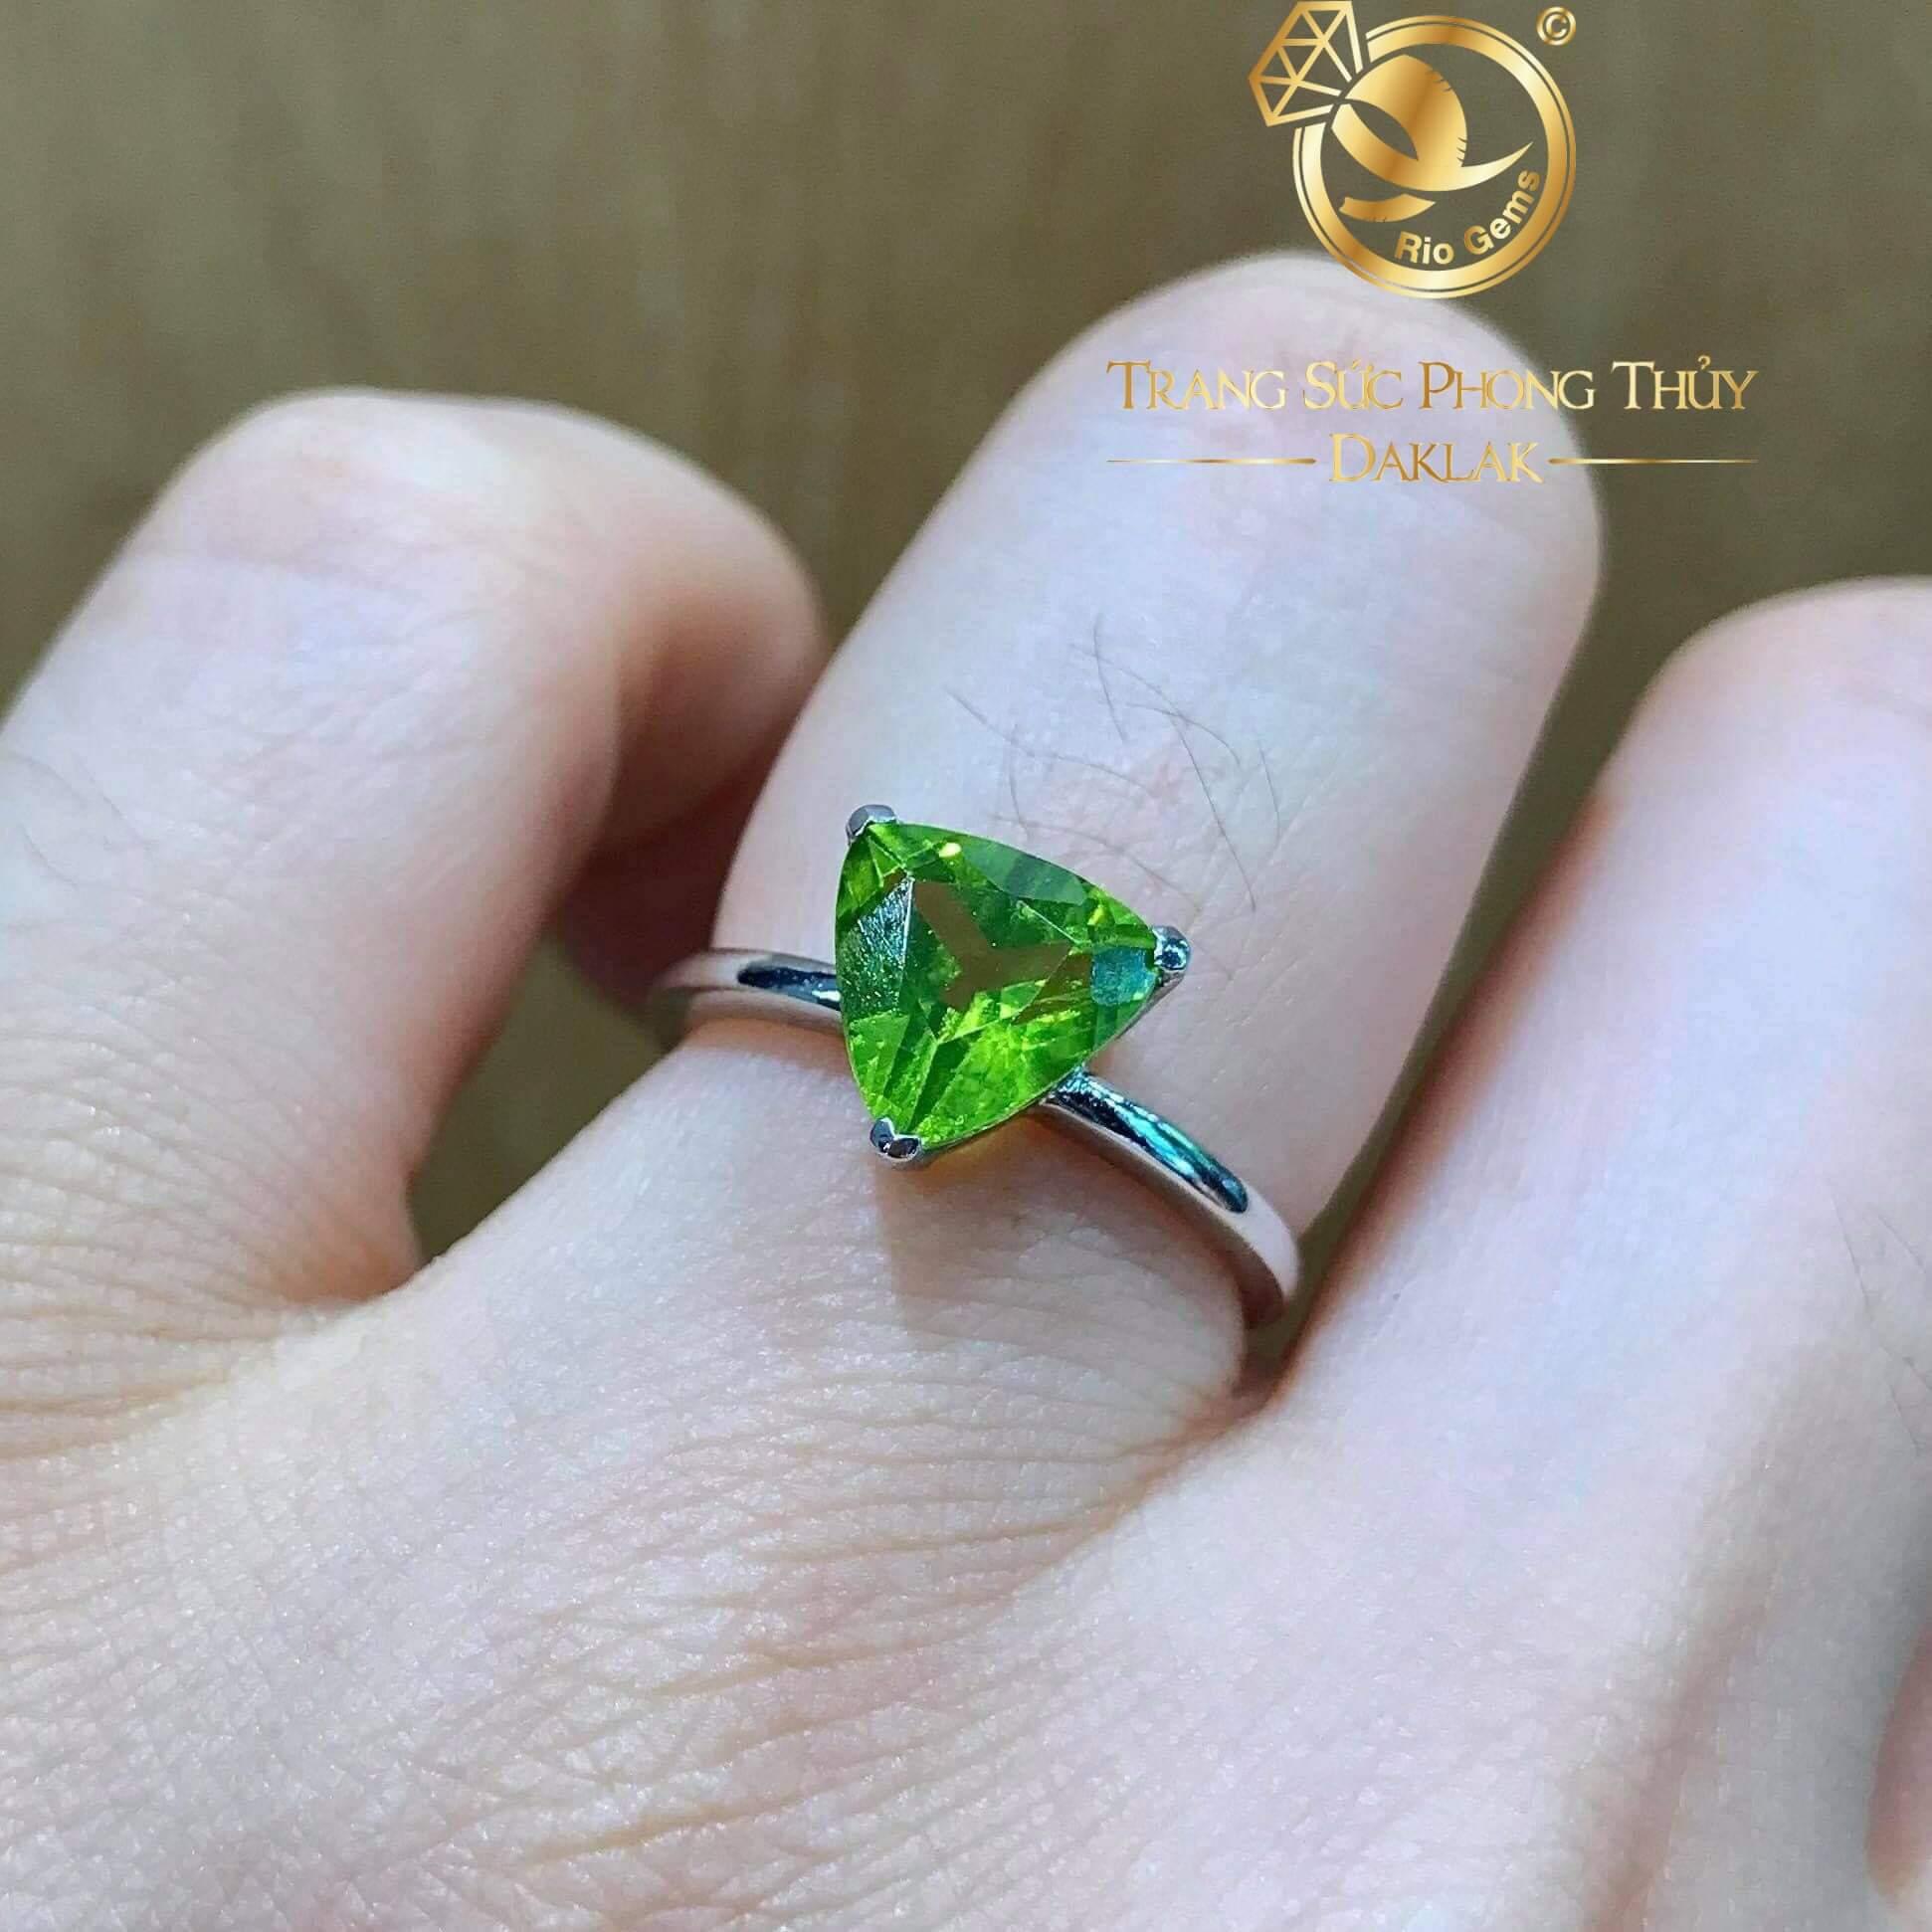 Nhẫn nữ vàng ý đính Peridot tam giác RIOGEMs với sắc xanh quyến rũ mang sự bình yên và thư thái cho tâm hồn